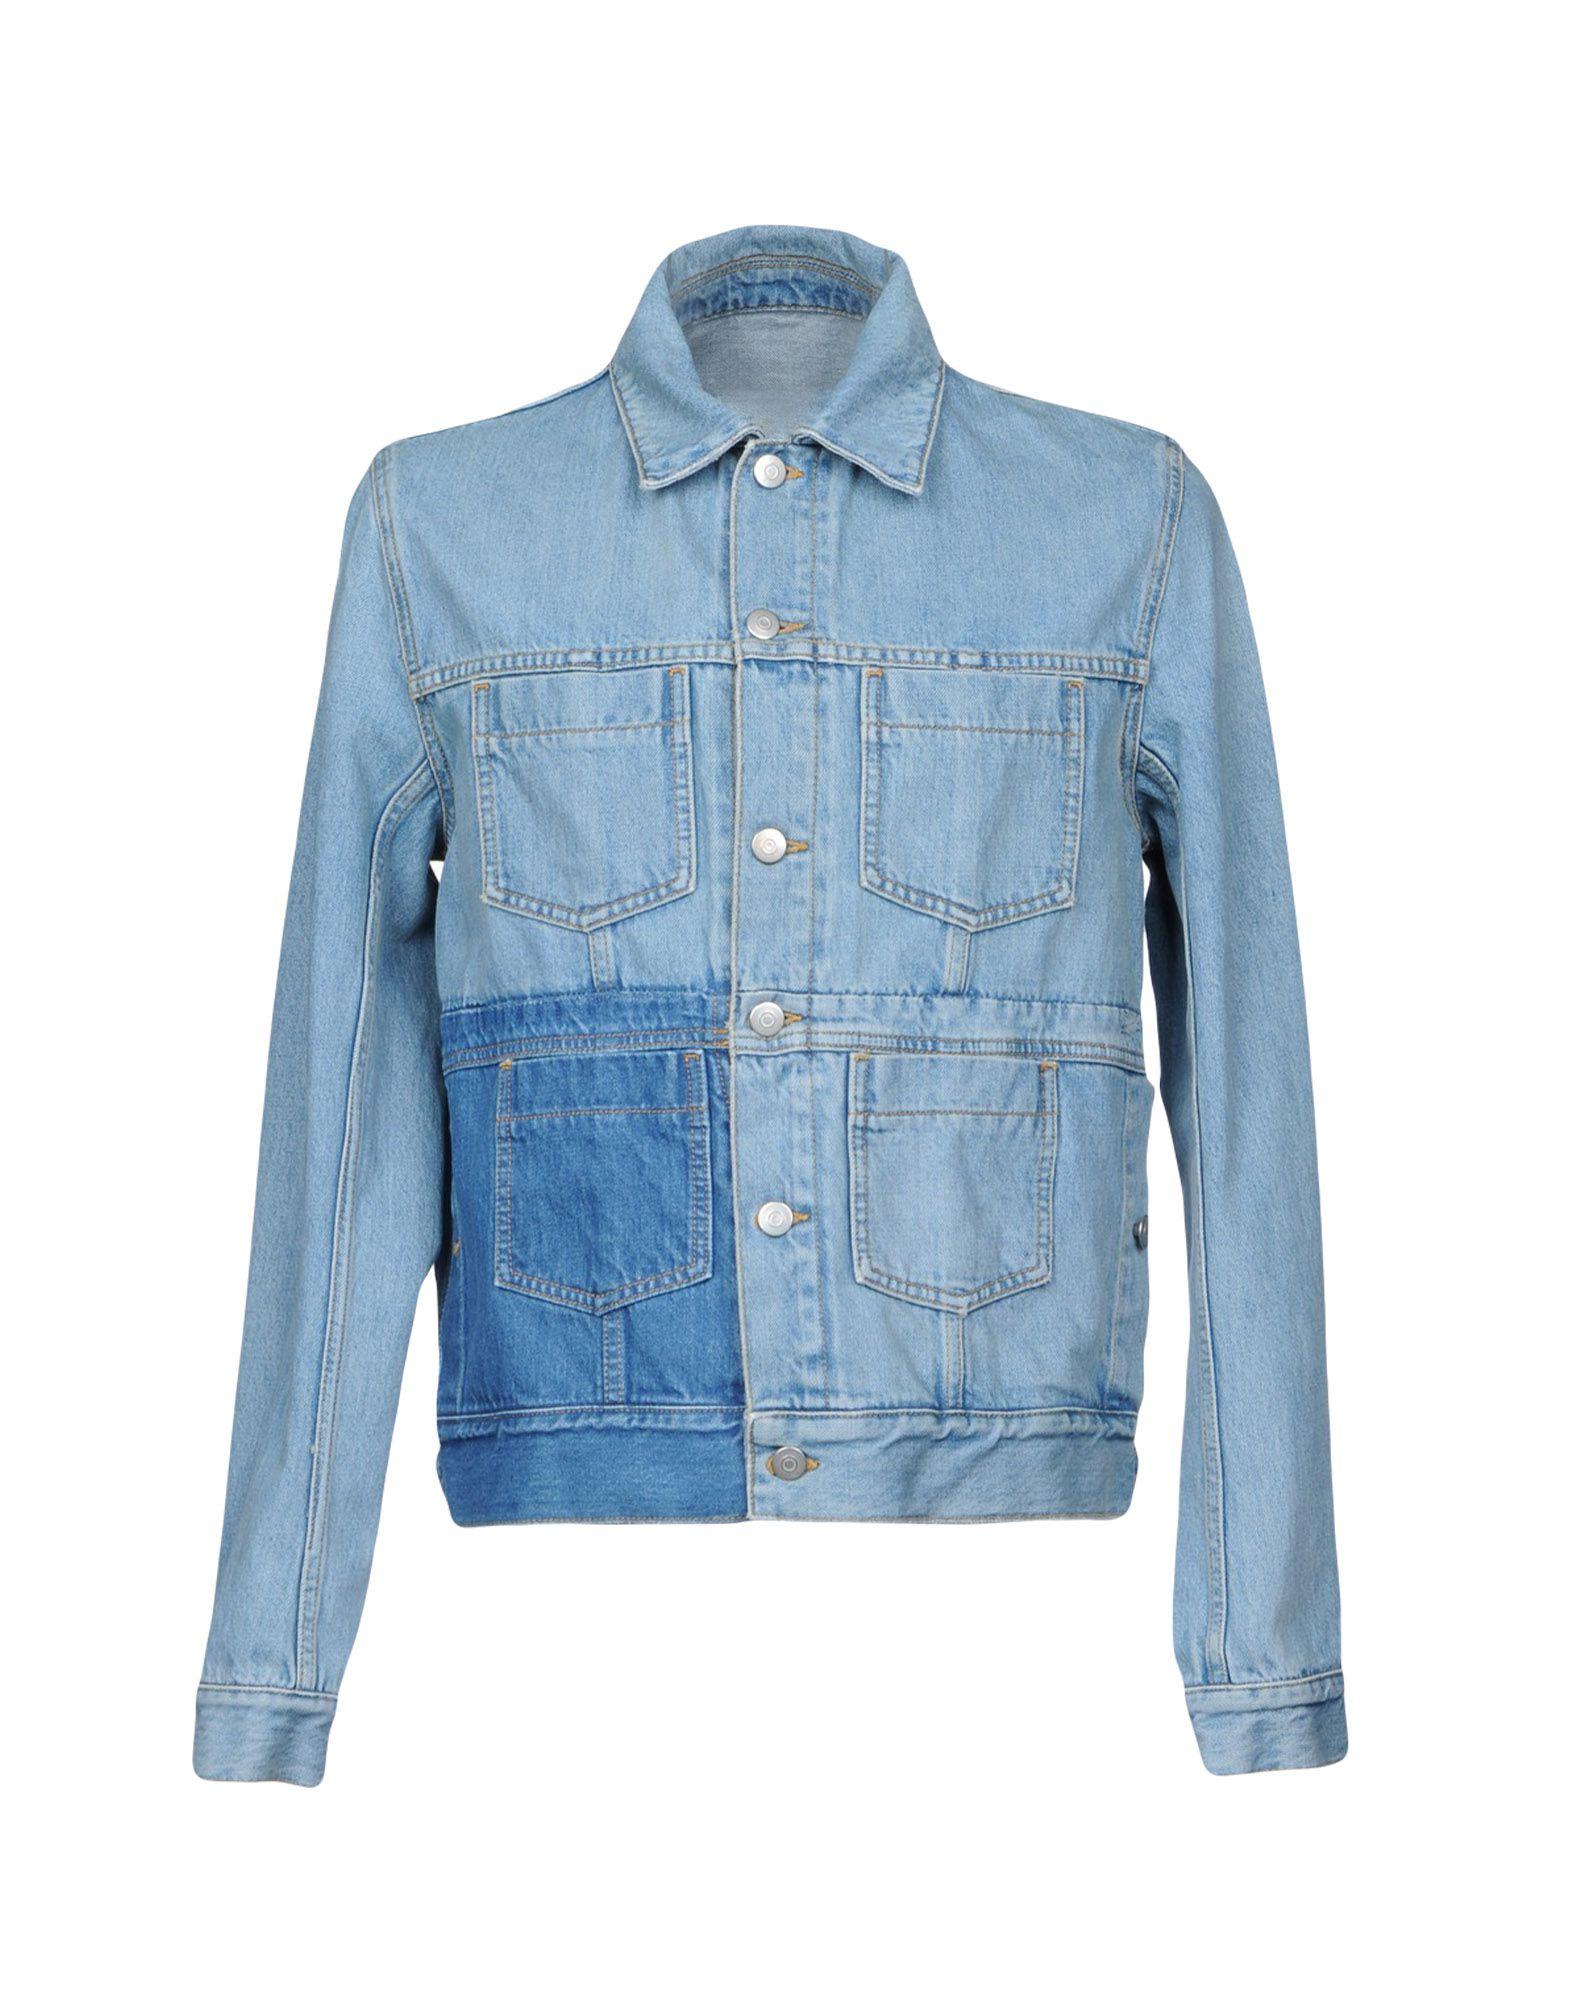 цена  MAISON MARGIELA Джинсовая верхняя одежда  онлайн в 2017 году